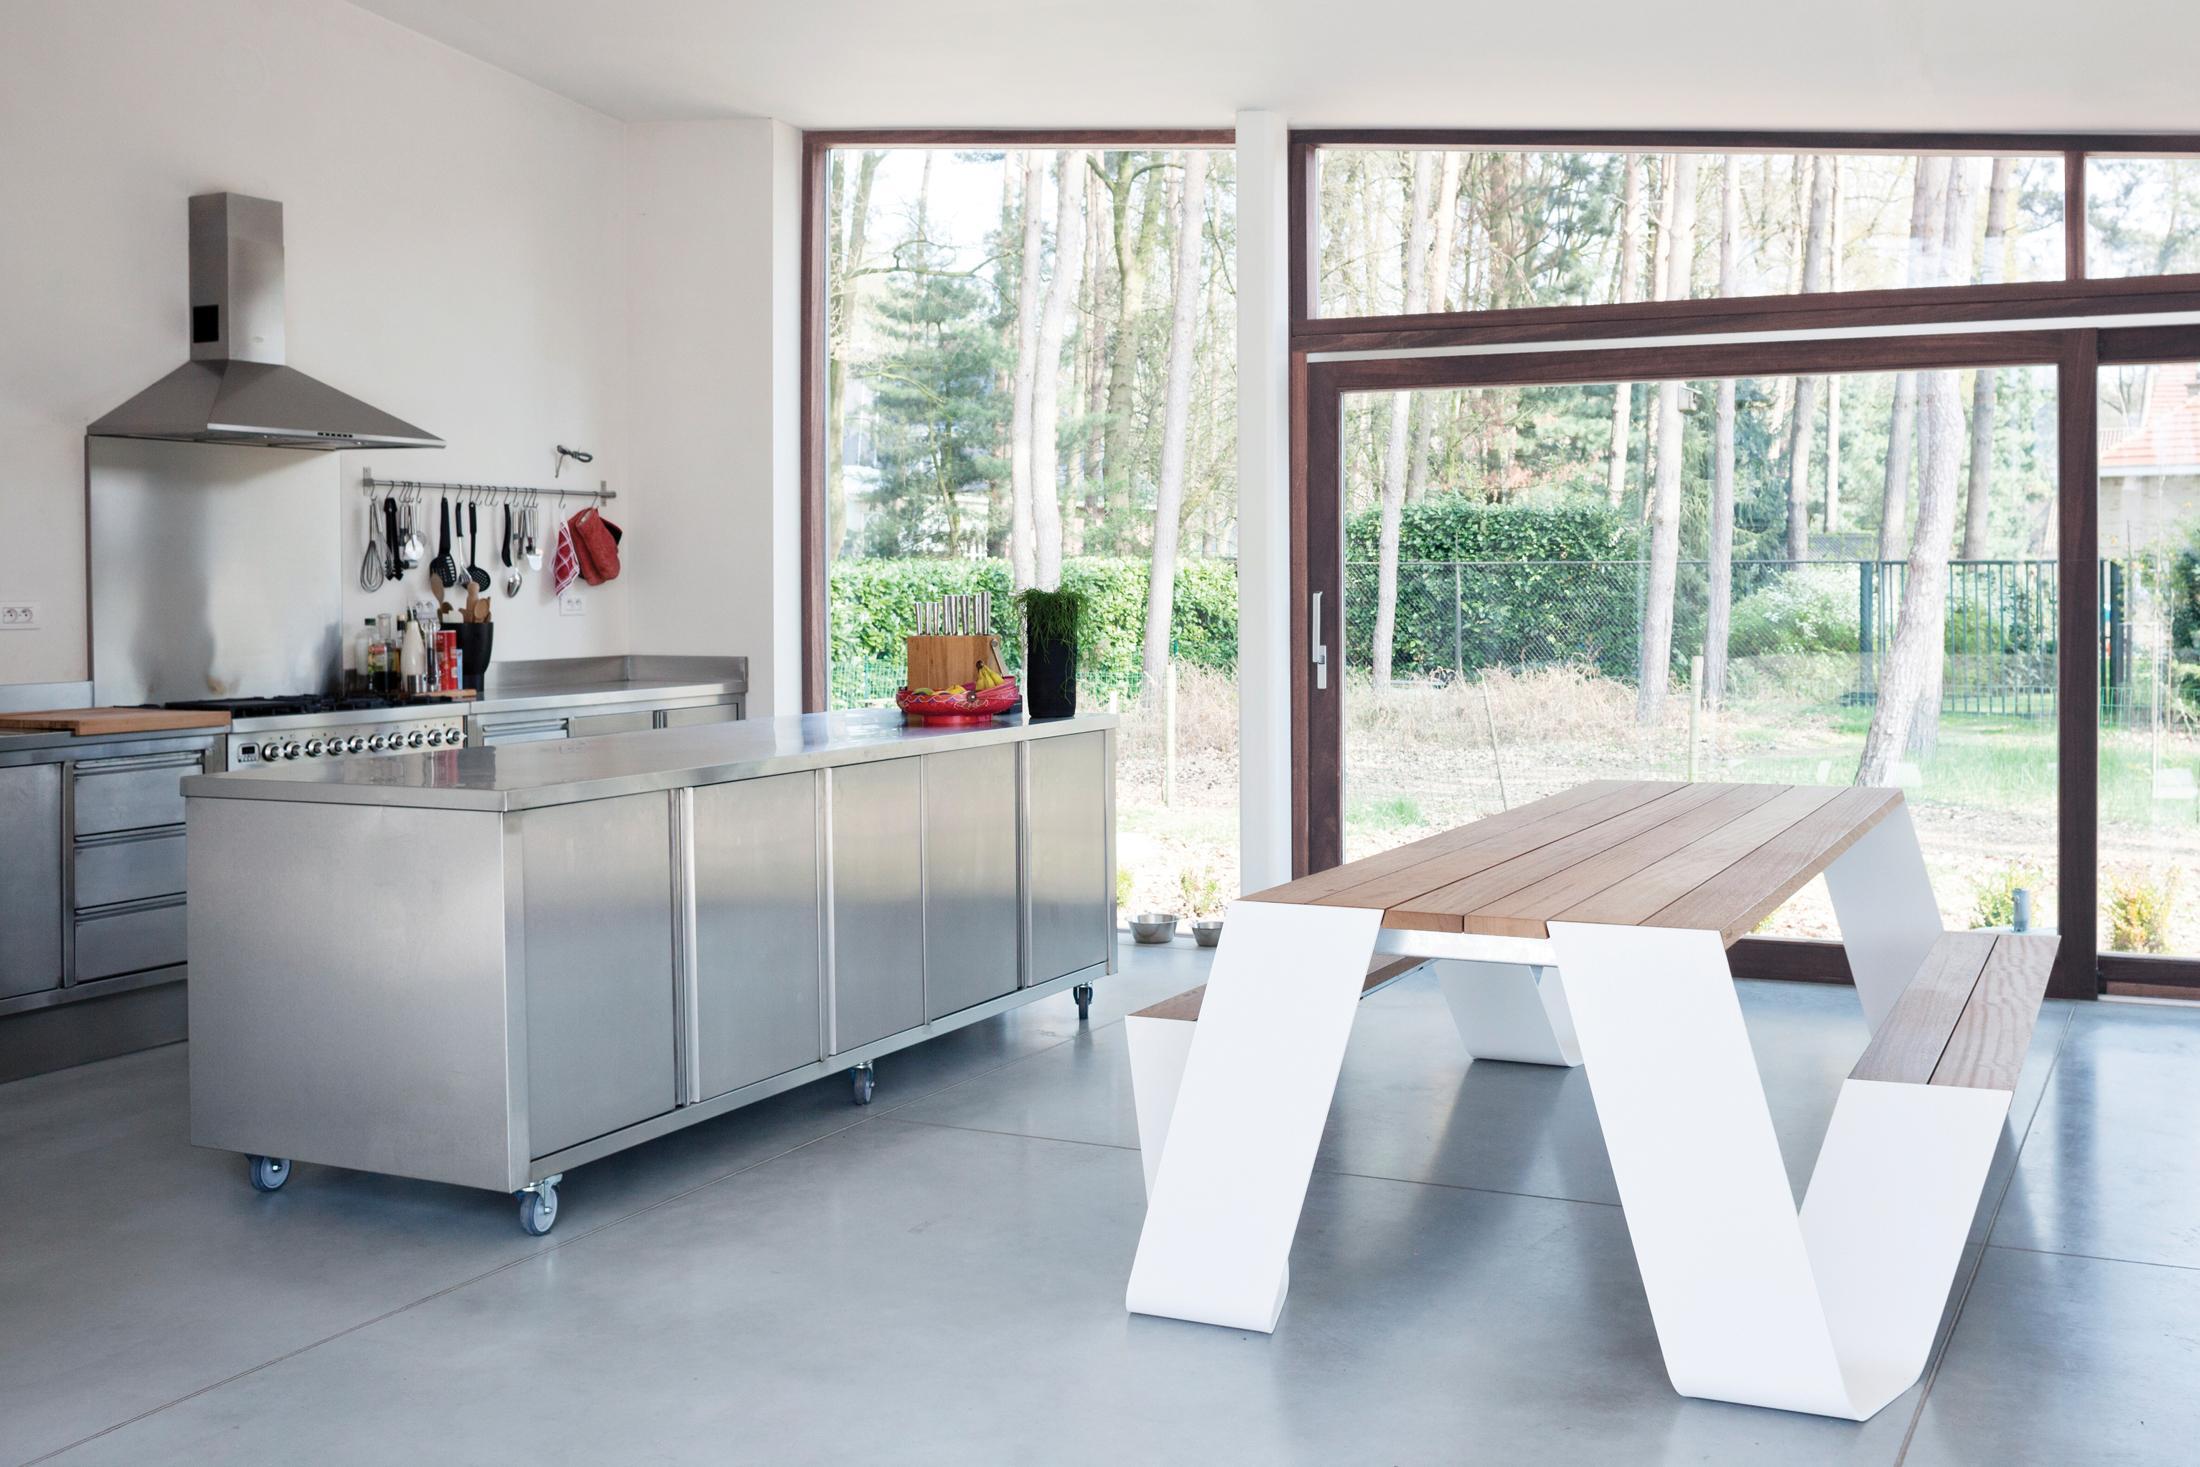 Mobile Kücheninsel mit Rollen #küche #küchenschrank ...